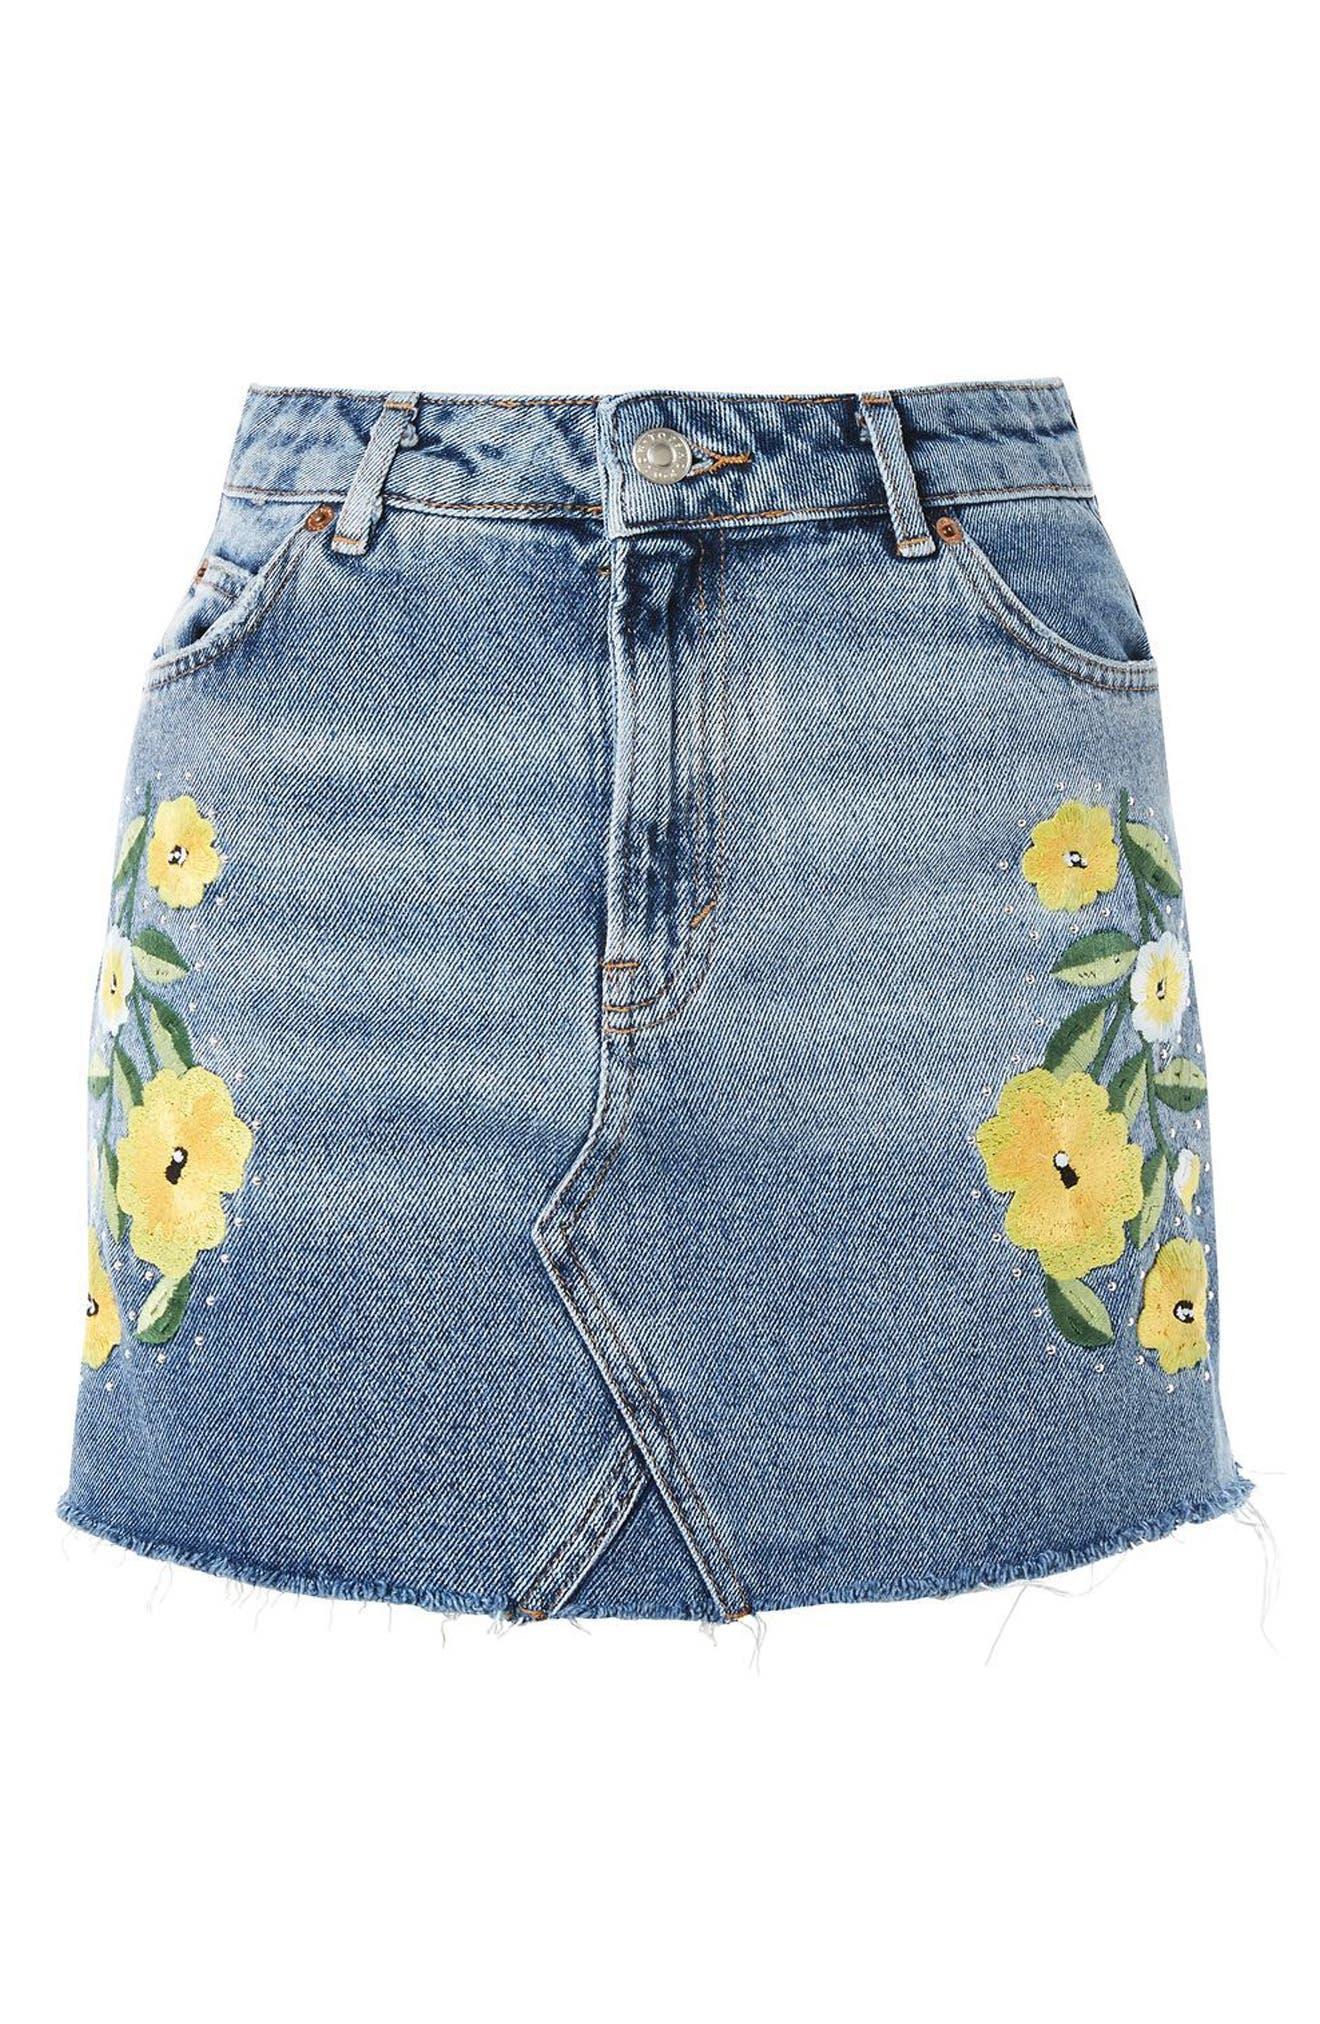 Alternate Image 1 Selected - Topshop Floral Stud Denim Miniskirt